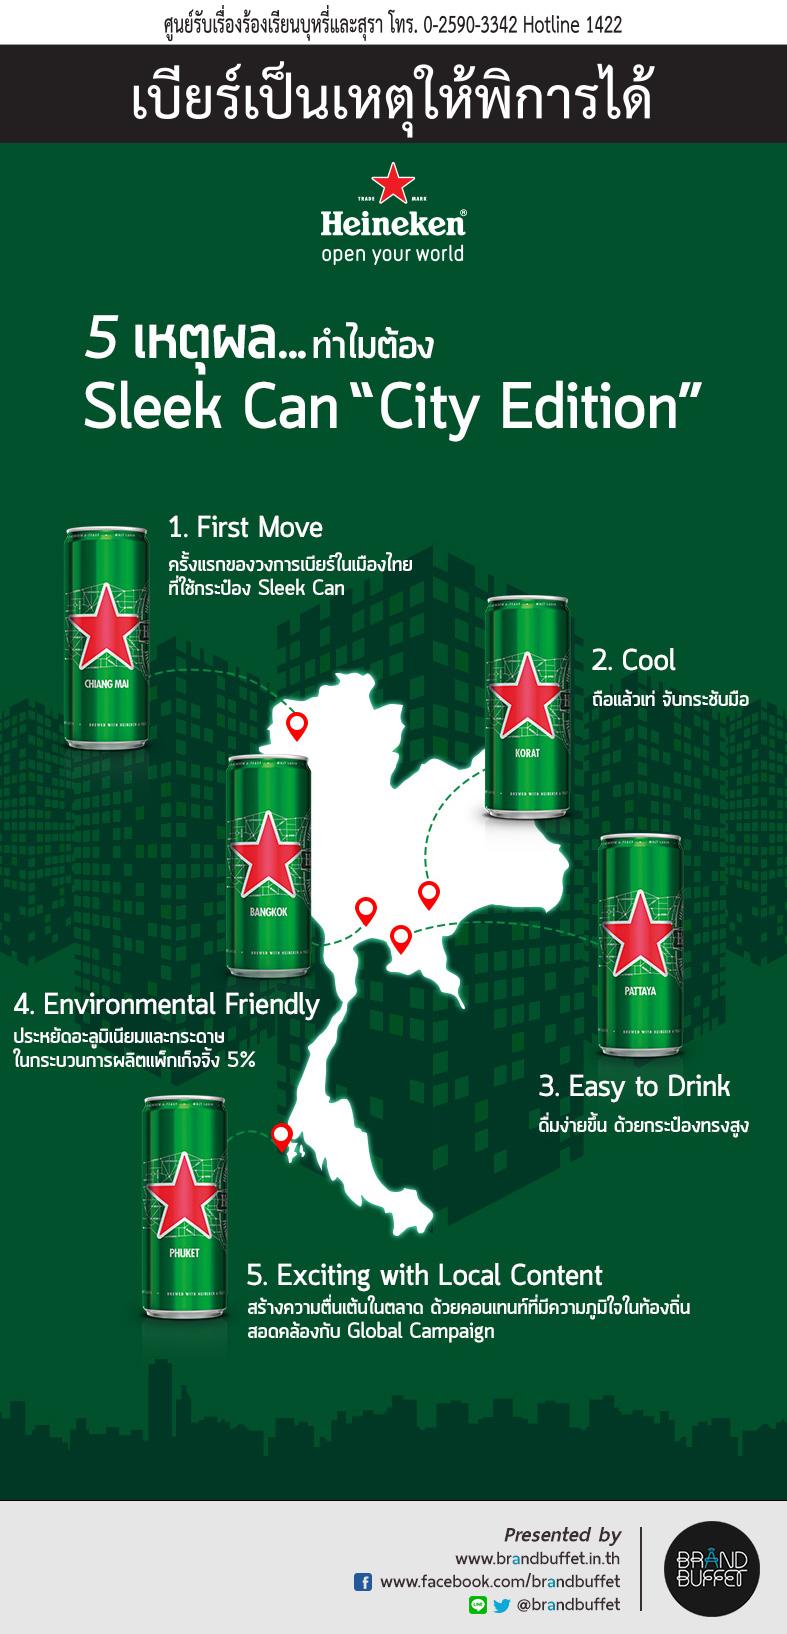 HeinekenSleekCan thailand